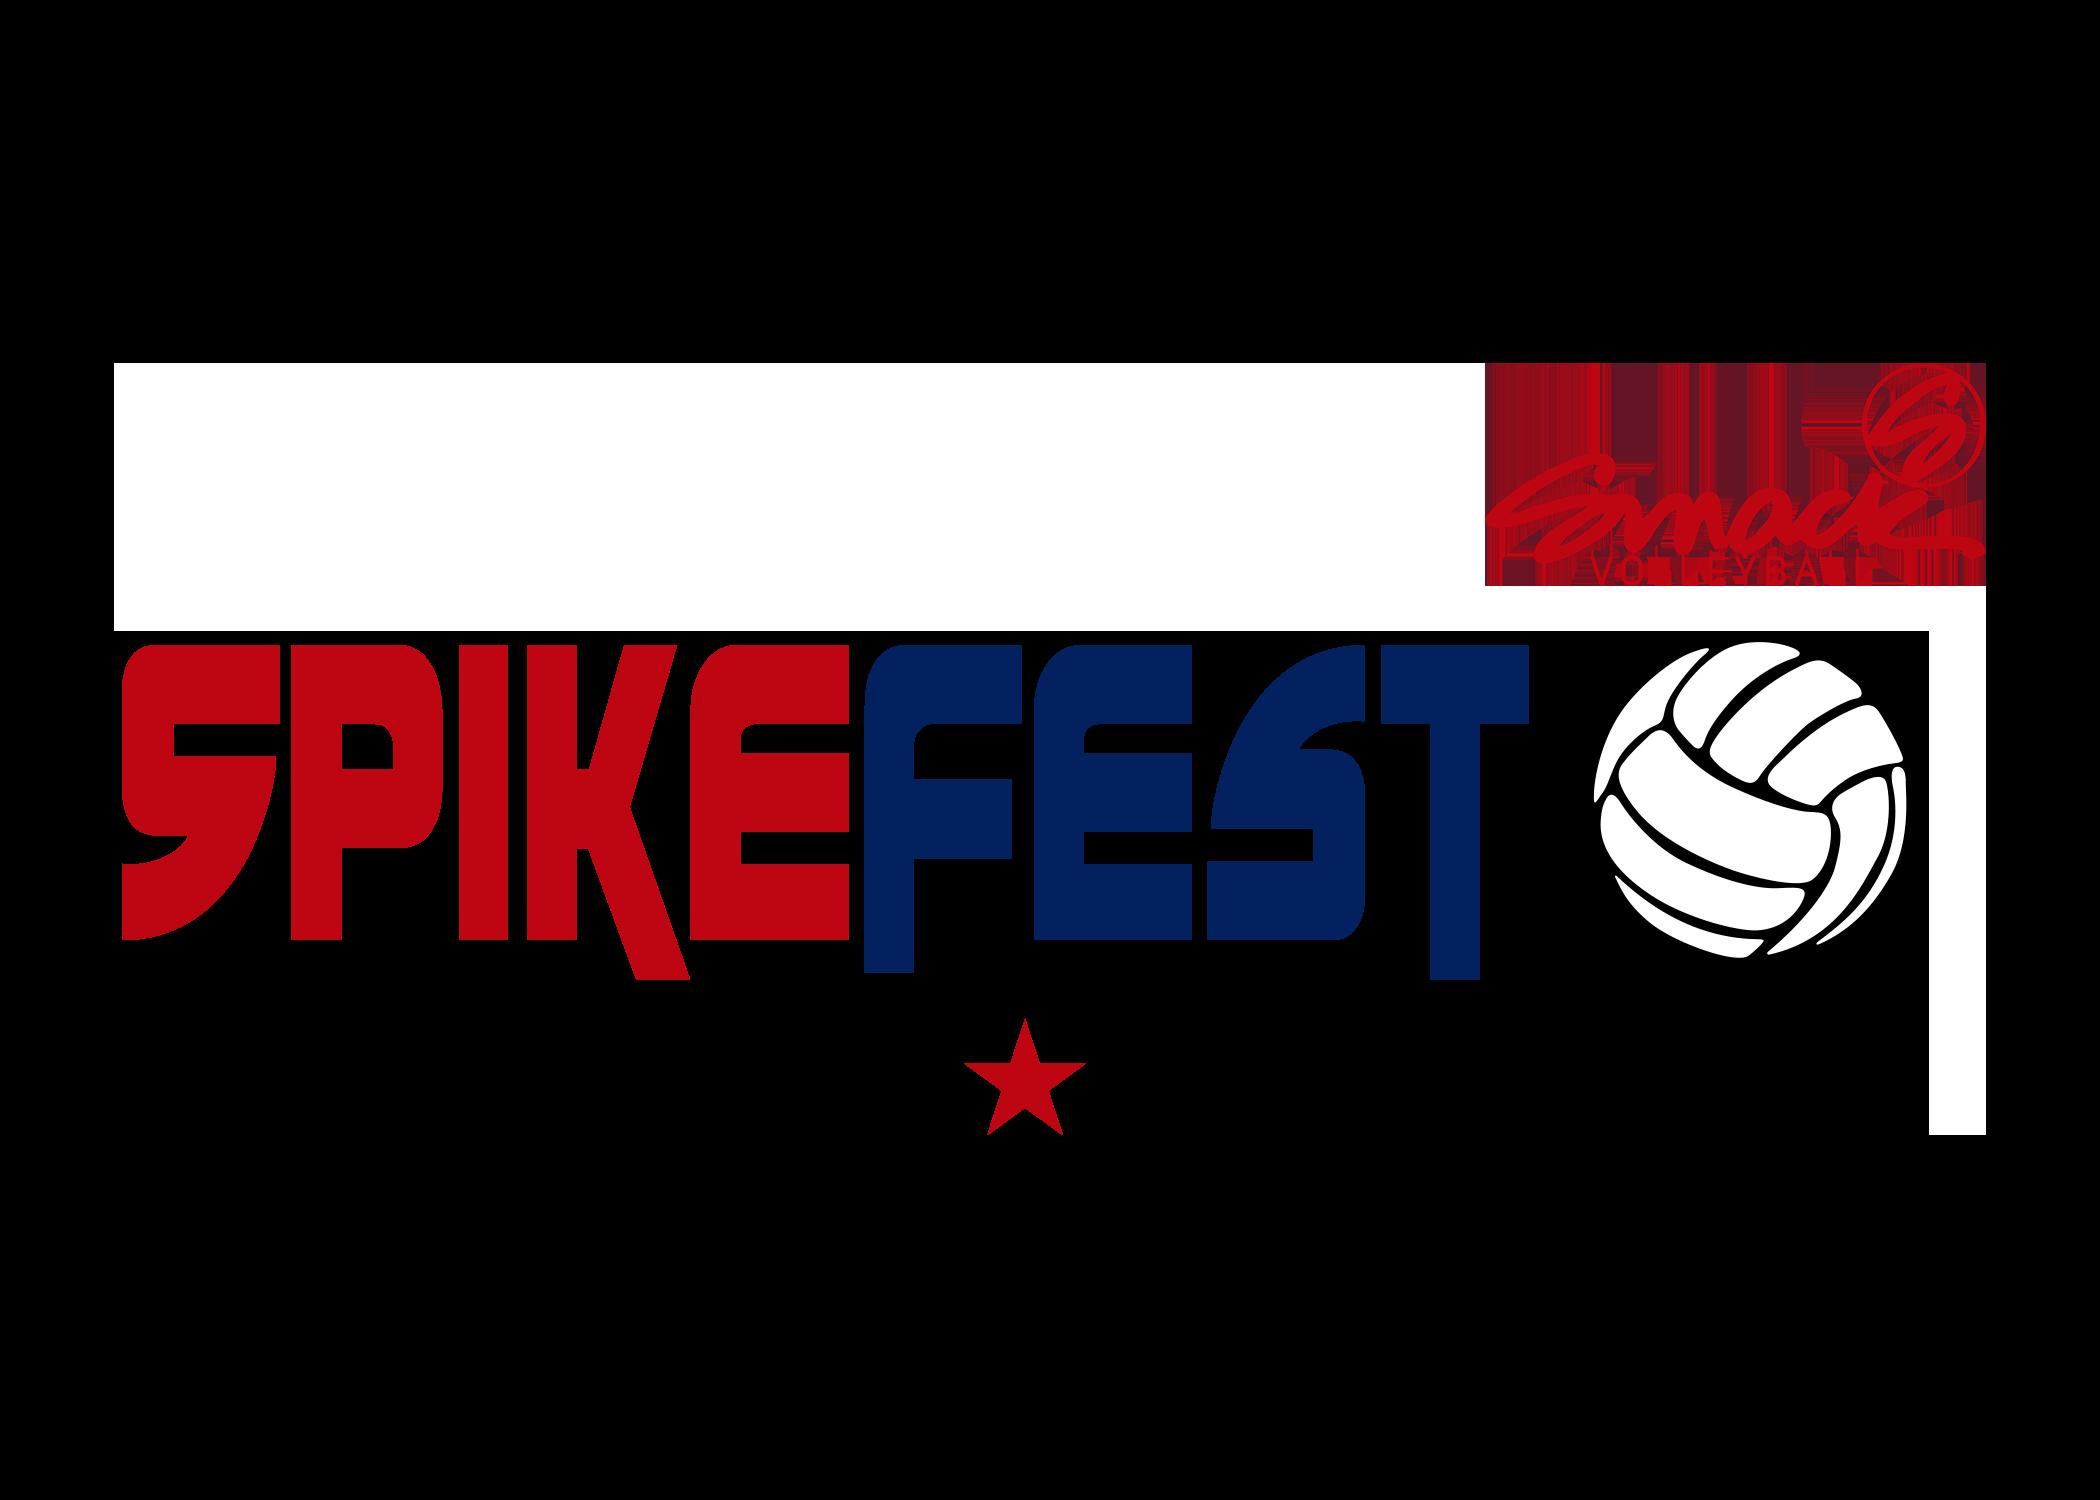 SpikeFest - Smack Big Red Logo